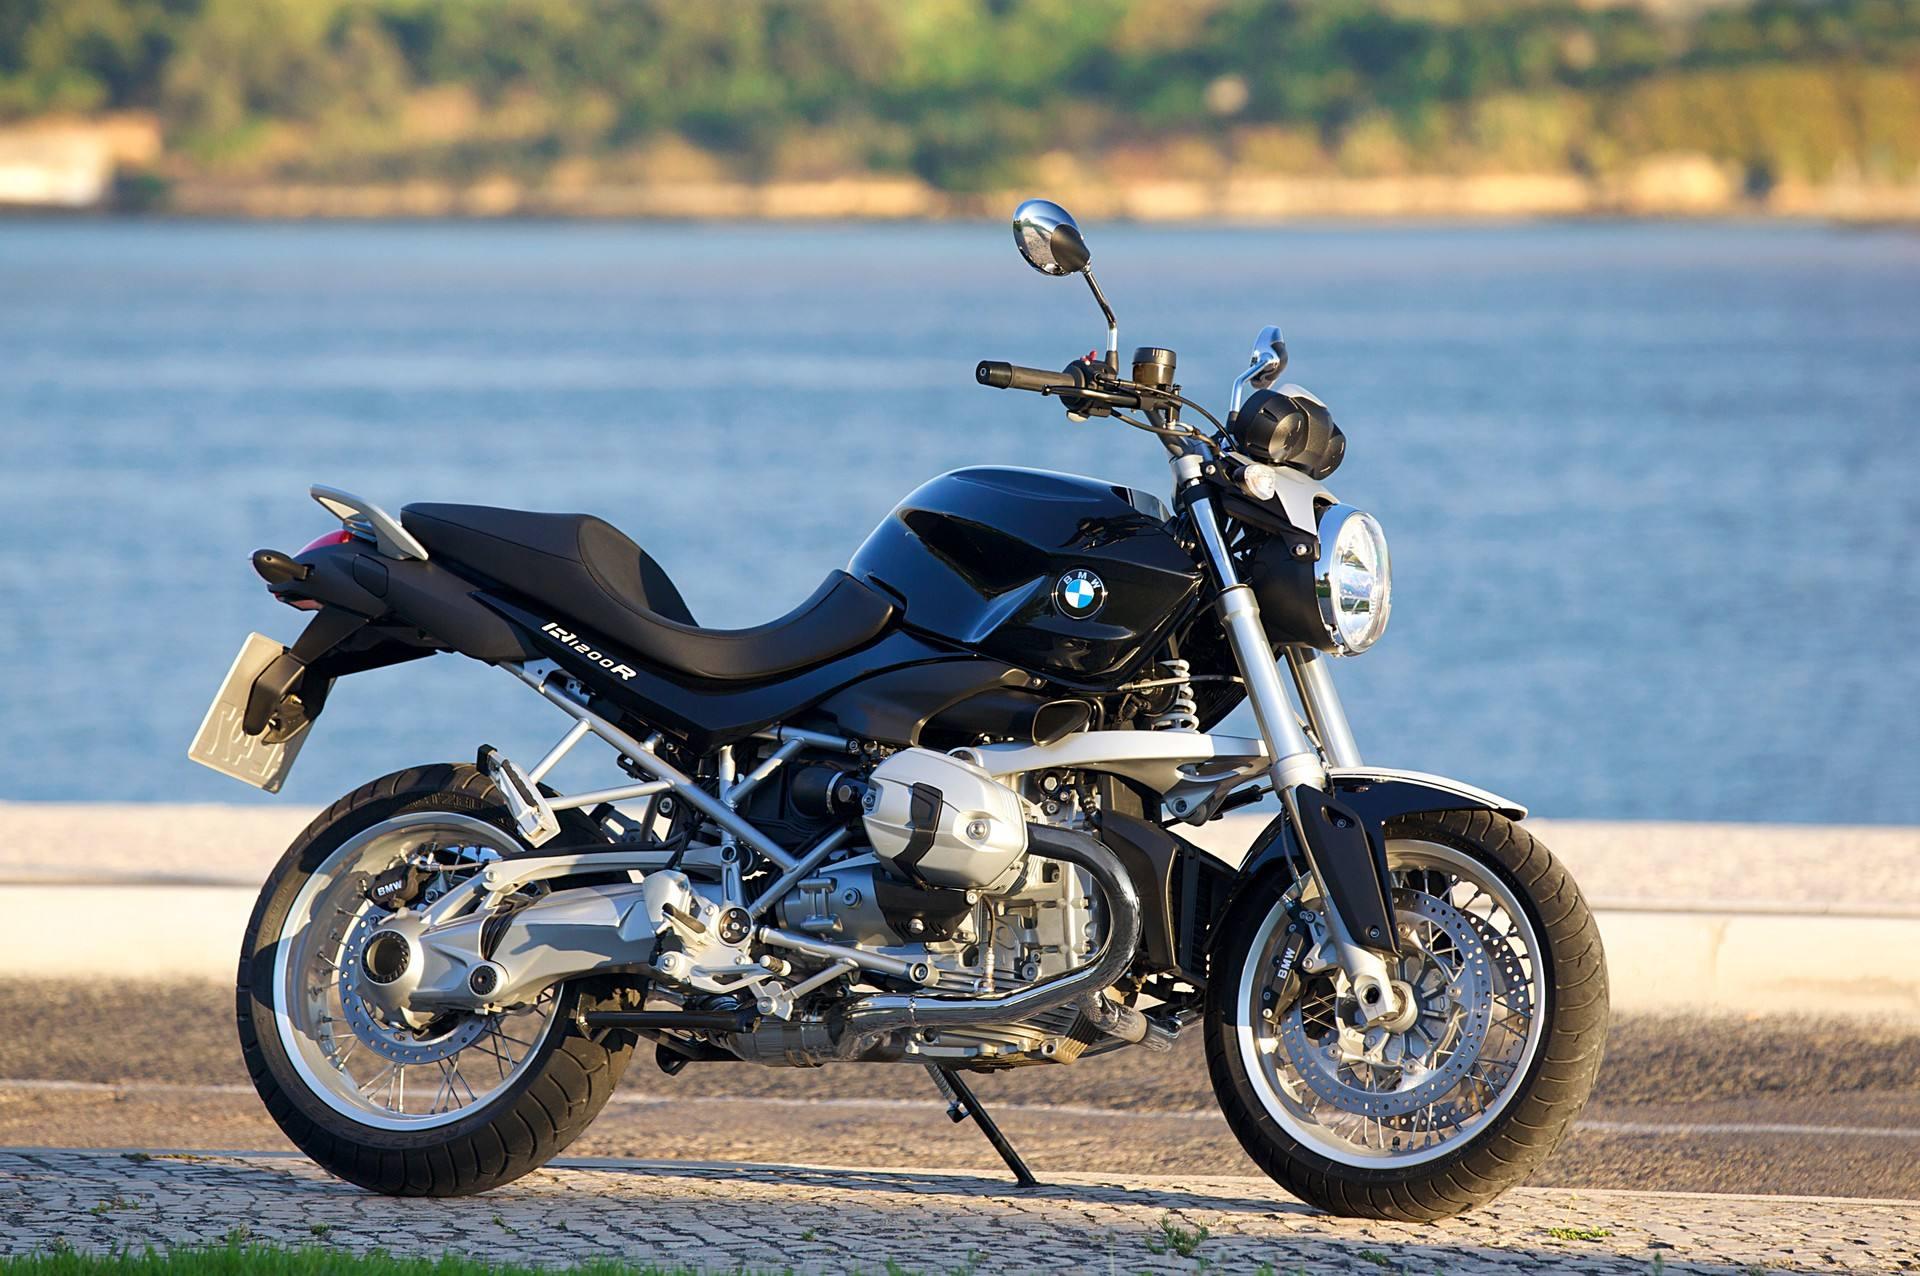 Moto del día: BMW R 1200 R